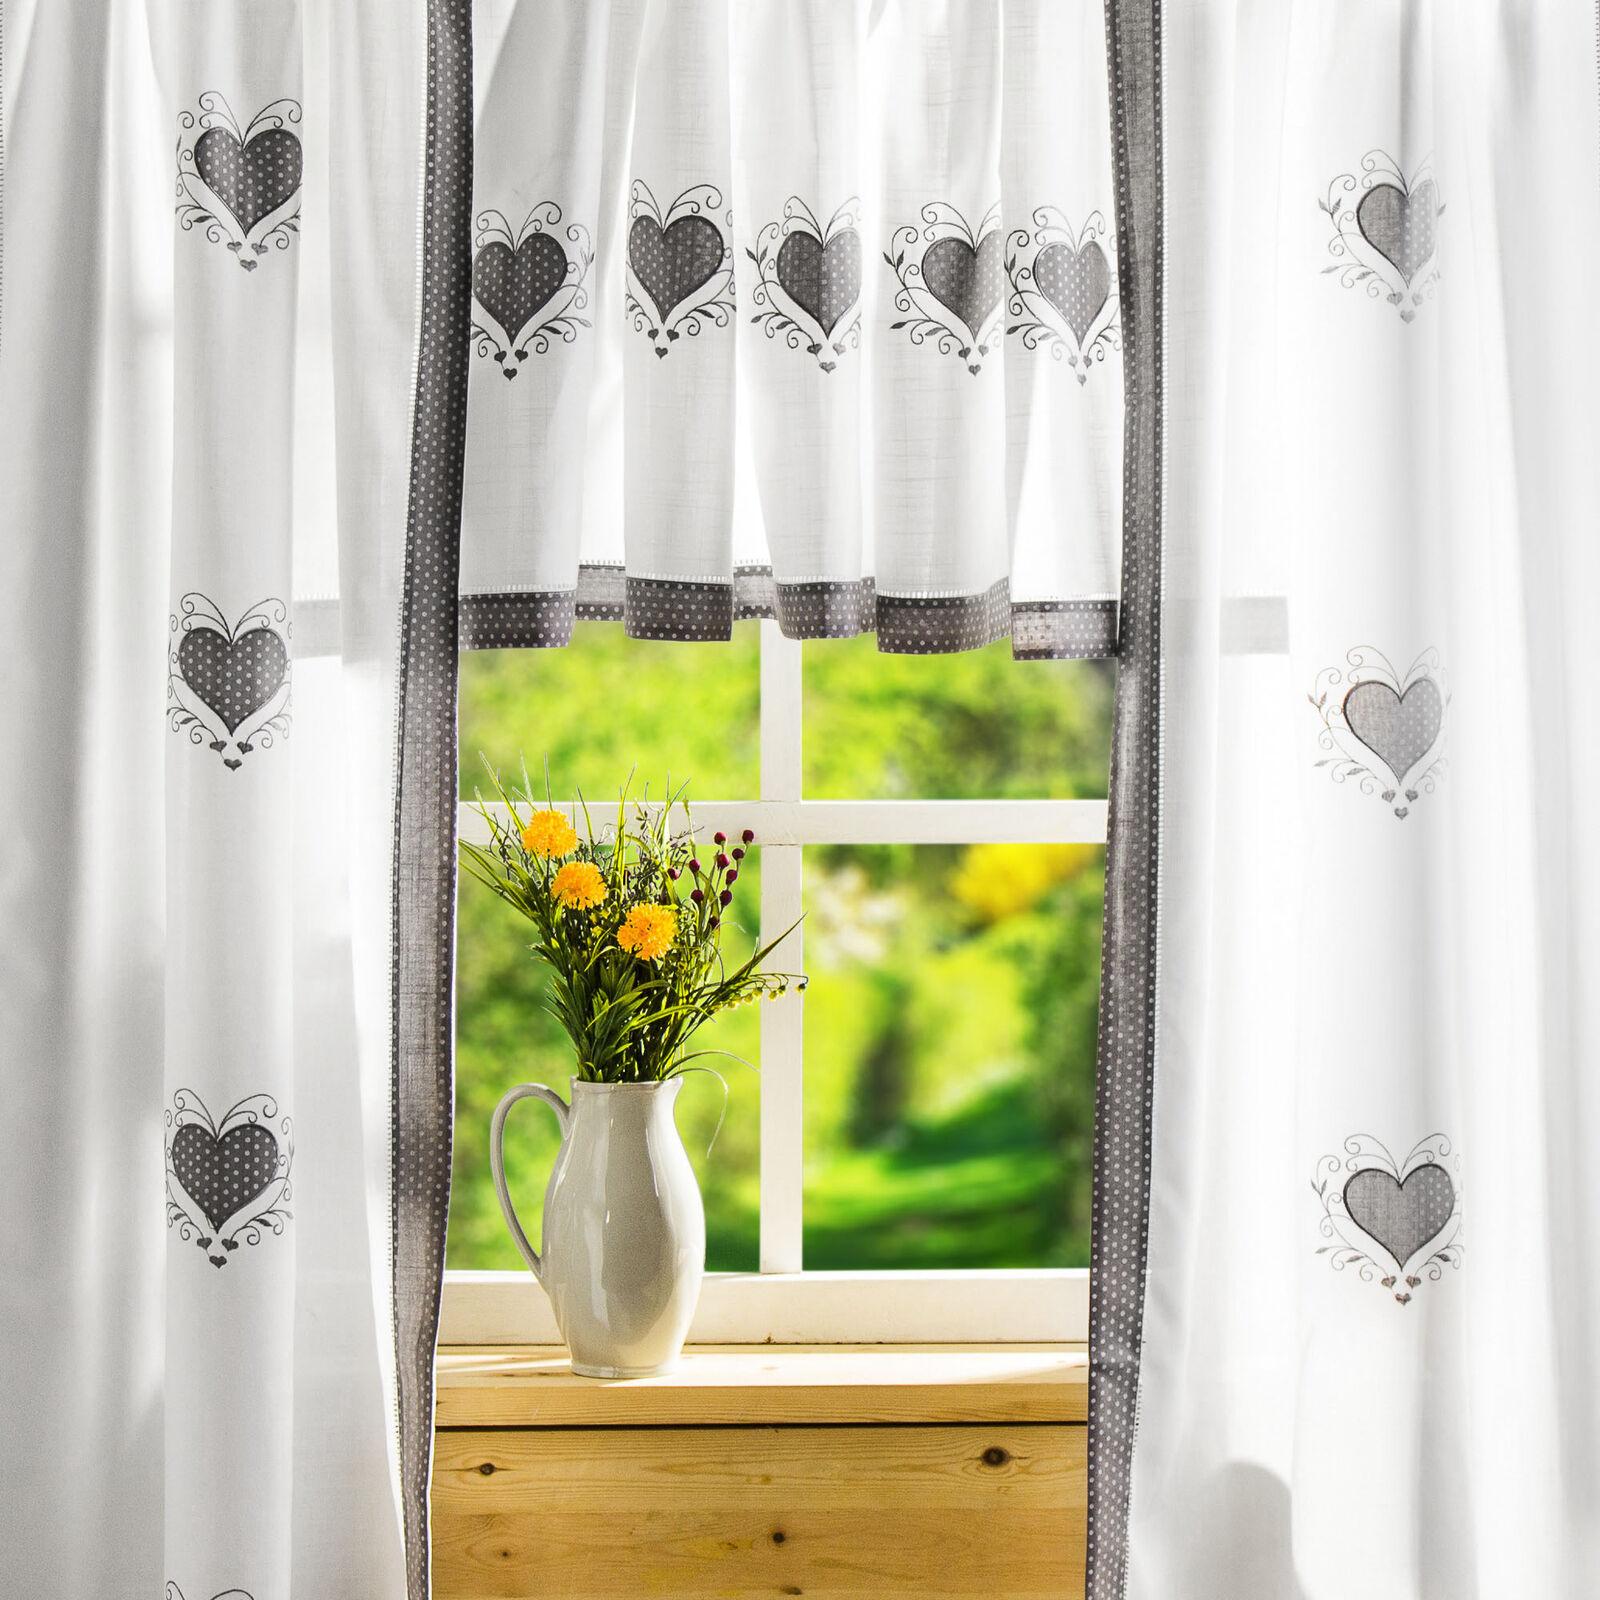 Full Size of Küchenvorhang Fenstervorhang Mehr Als 200 Angebote Wohnzimmer Küchenvorhang